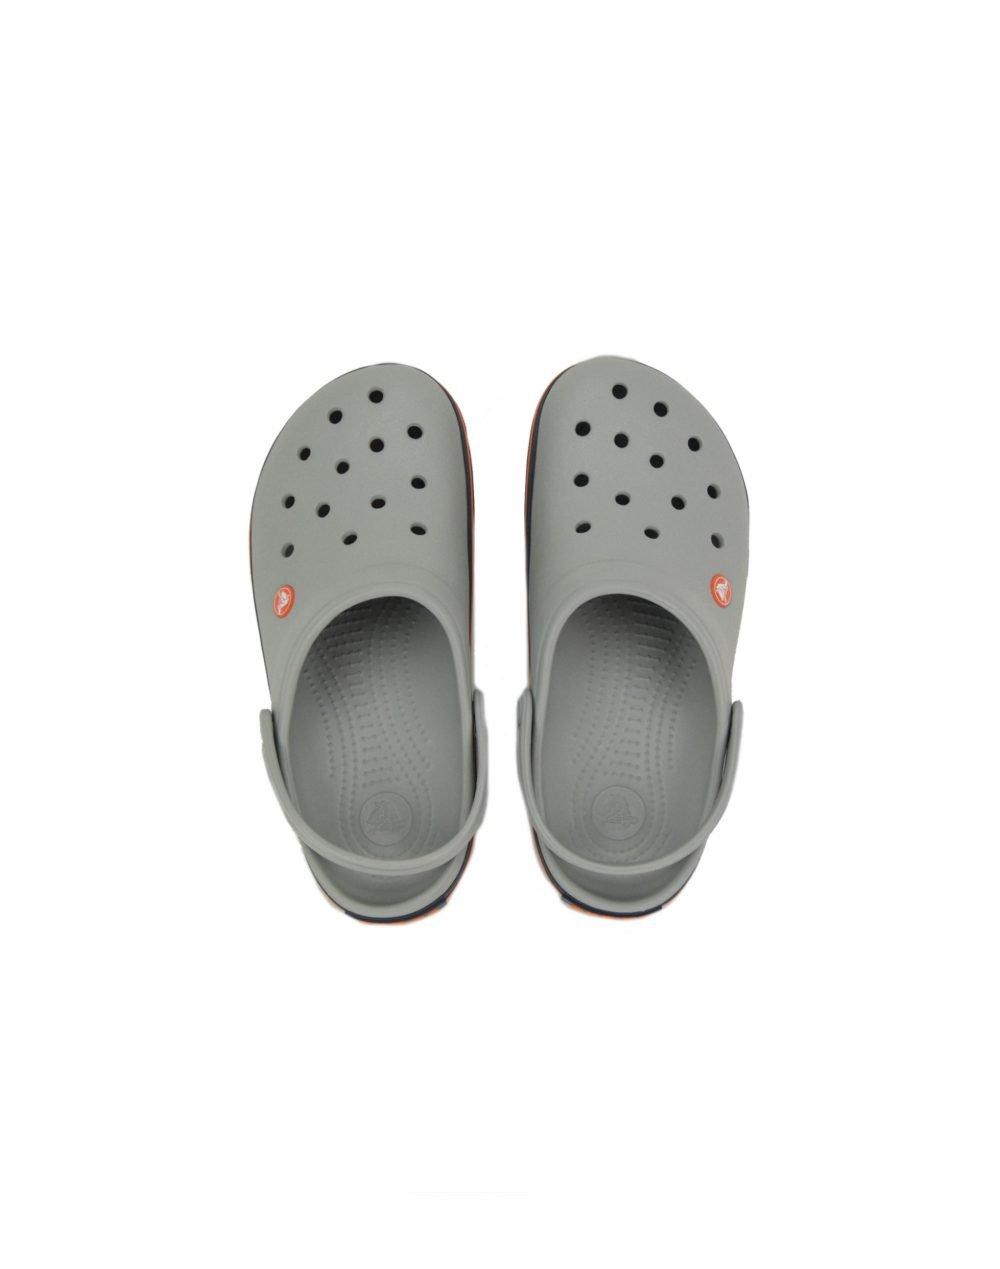 Crocs Crocband (11016-01U) Light Grey/Navy